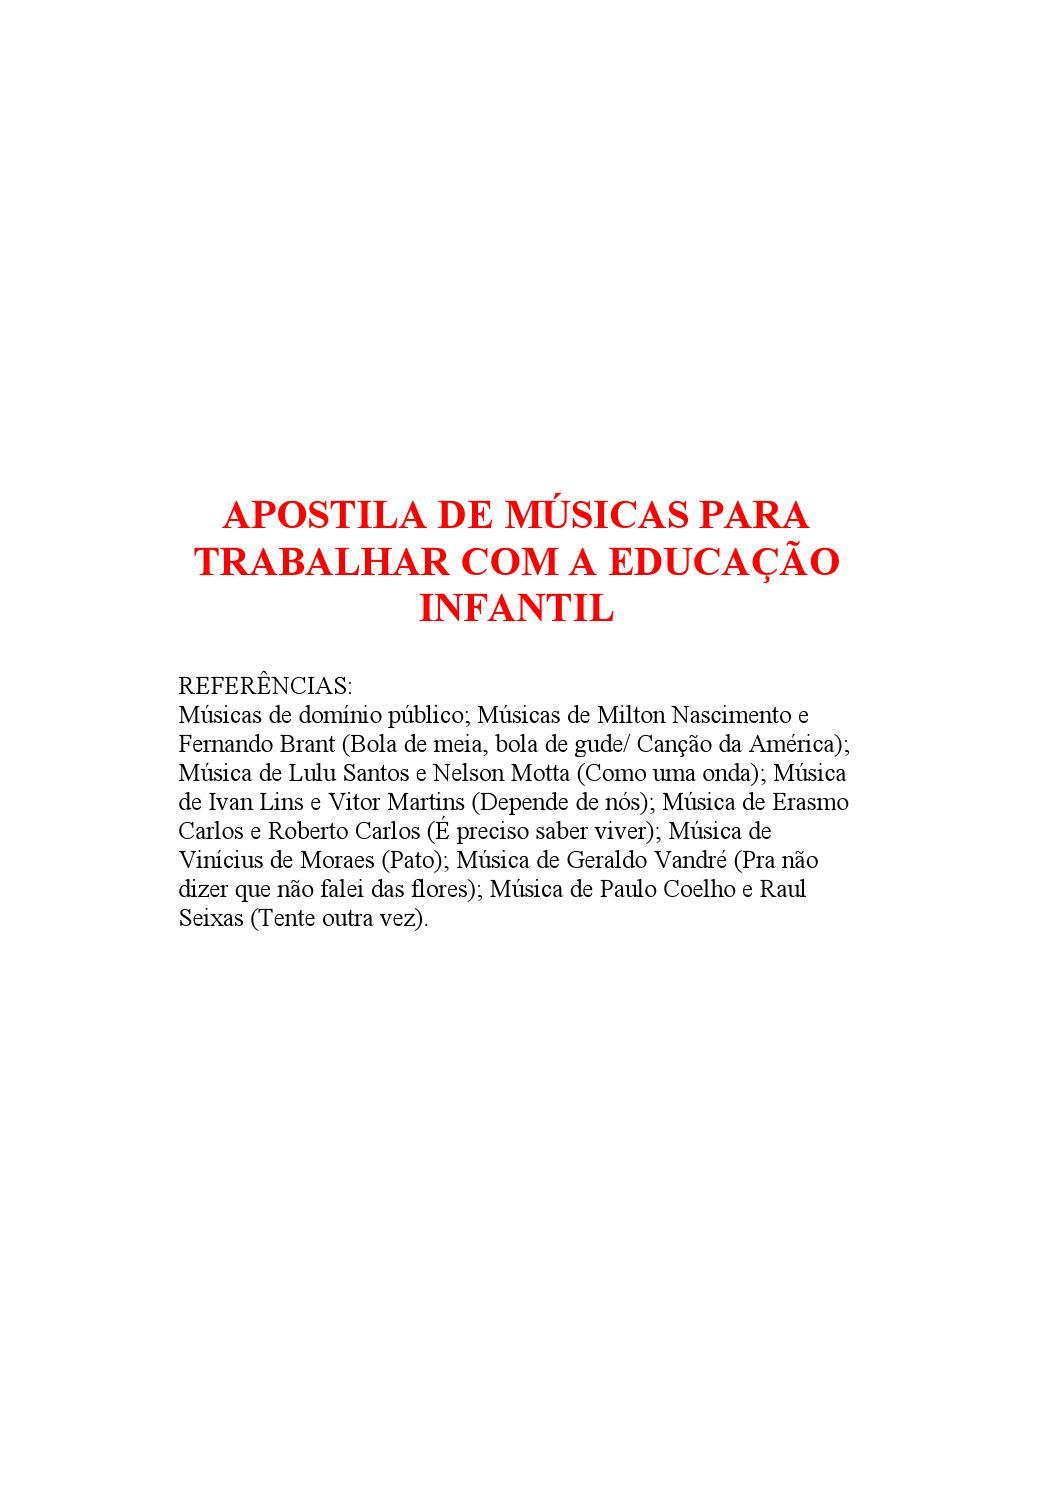 Apostila de músicas para trabalhar com a educação infantil